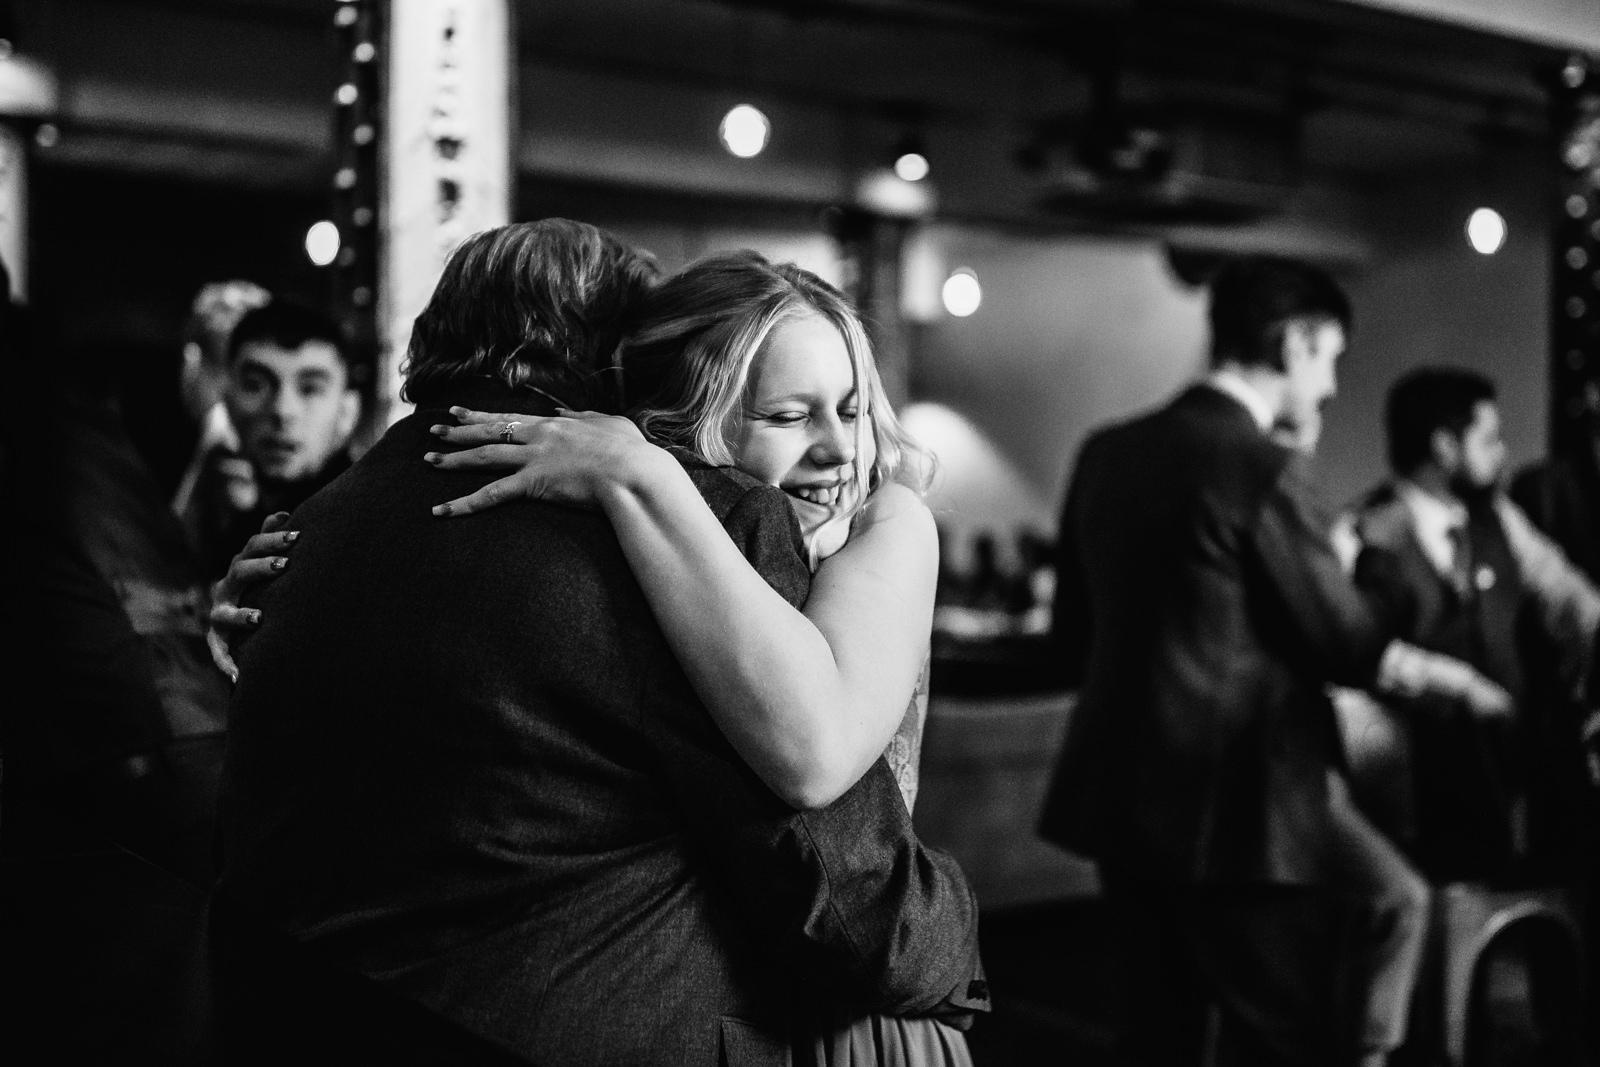 Girl gives a big hug